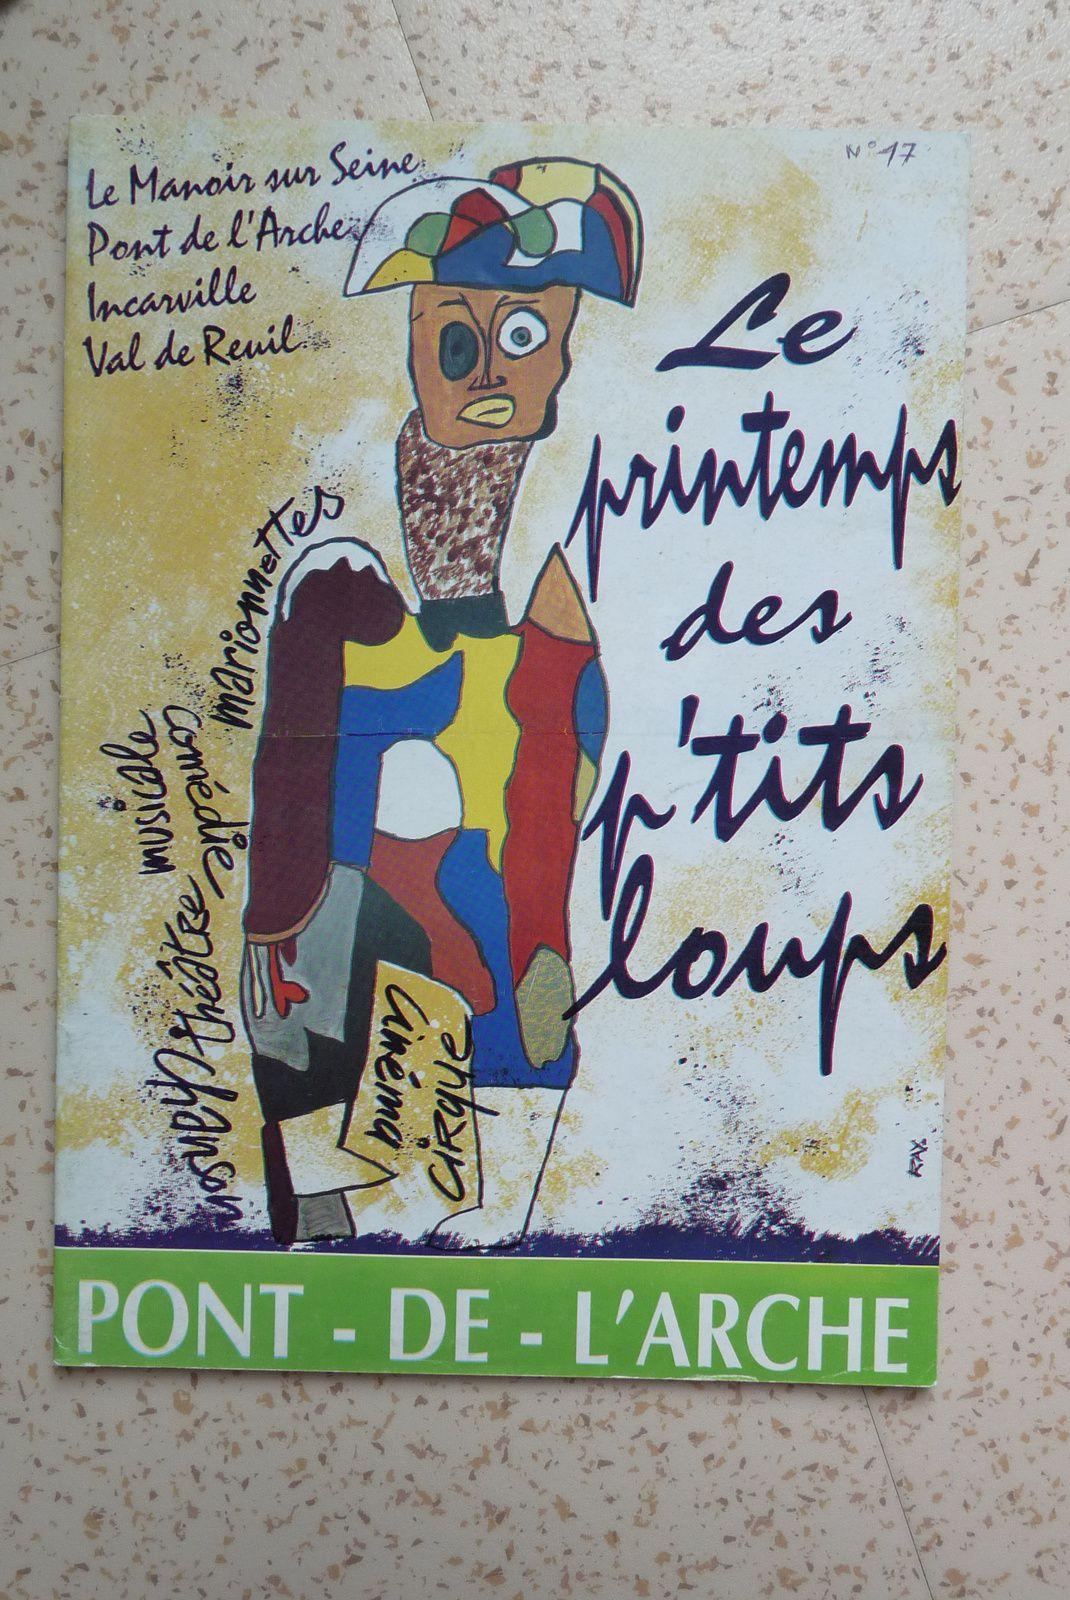 Quelques premières pages de couverture de Pont-de-l'Arche ma ville, bulletin municipal de l'équipe de Paulette Lecureux où la jeunesse est souvent mise en avant.